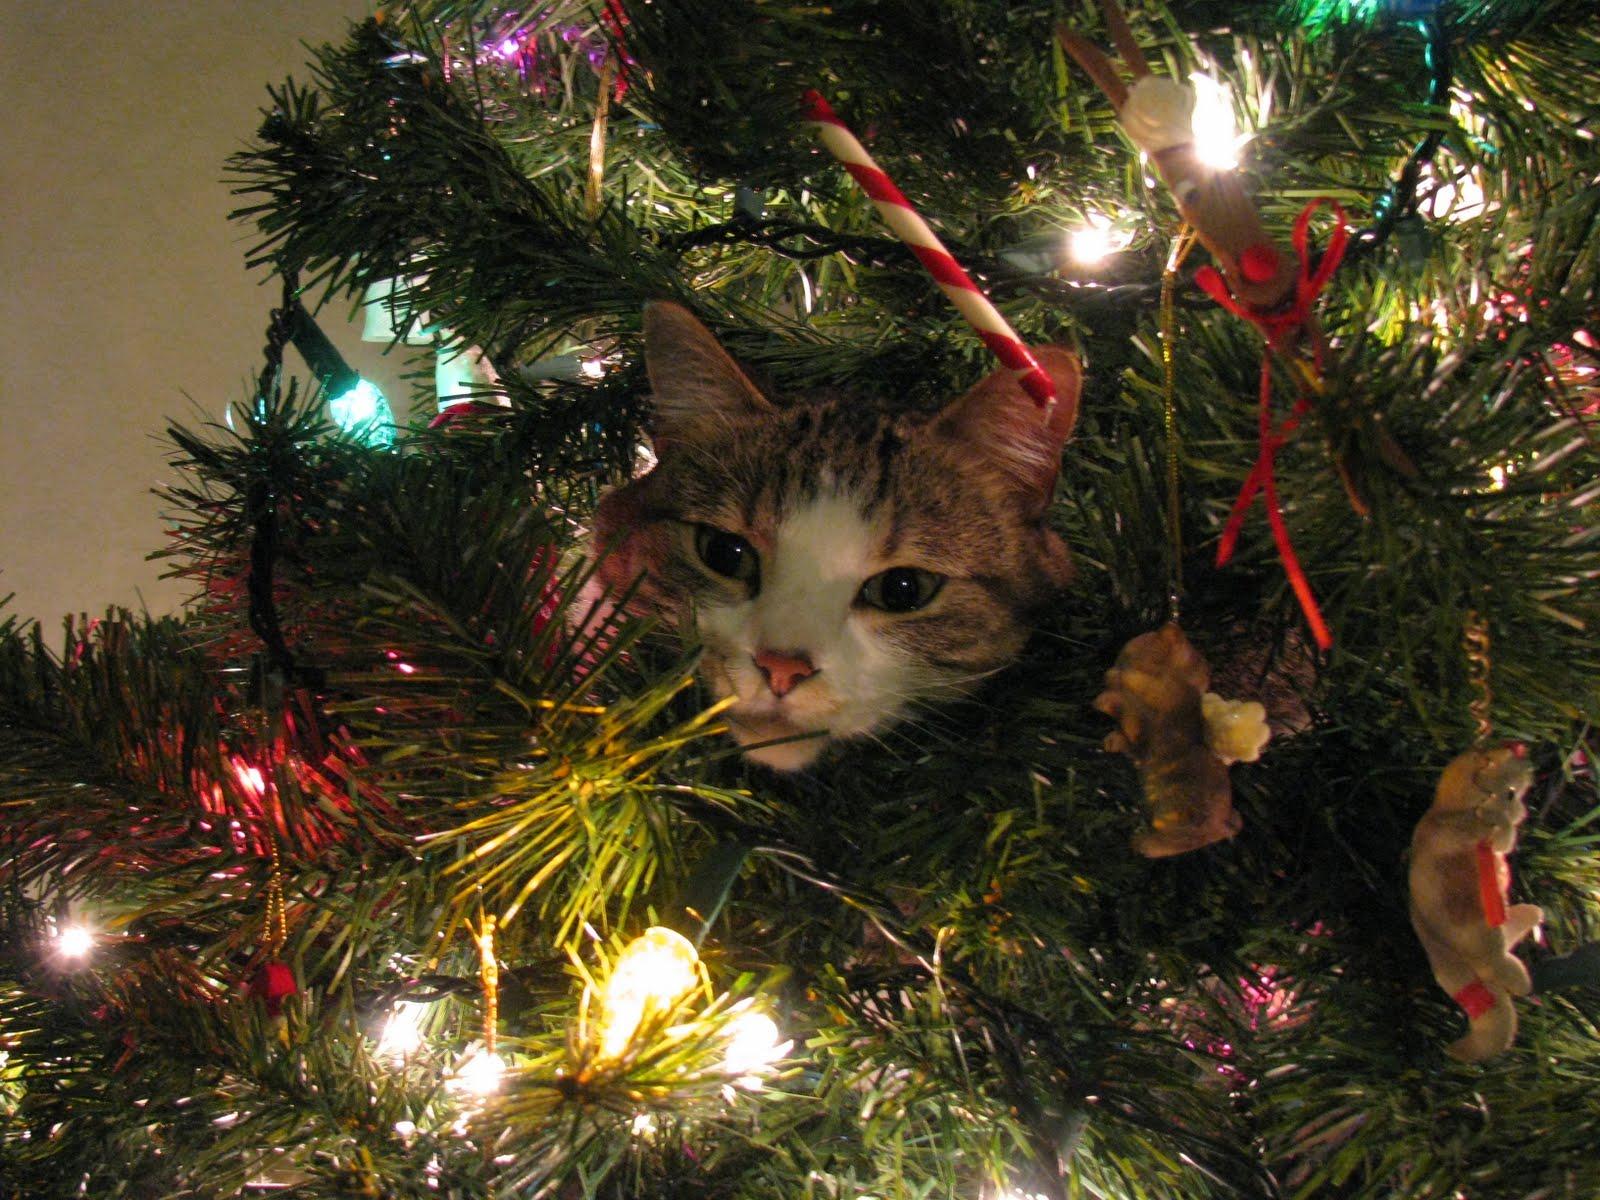 Αποτέλεσμα εικόνας για Γάτες εναντίον χριστουγεννιάτικων δέντρων